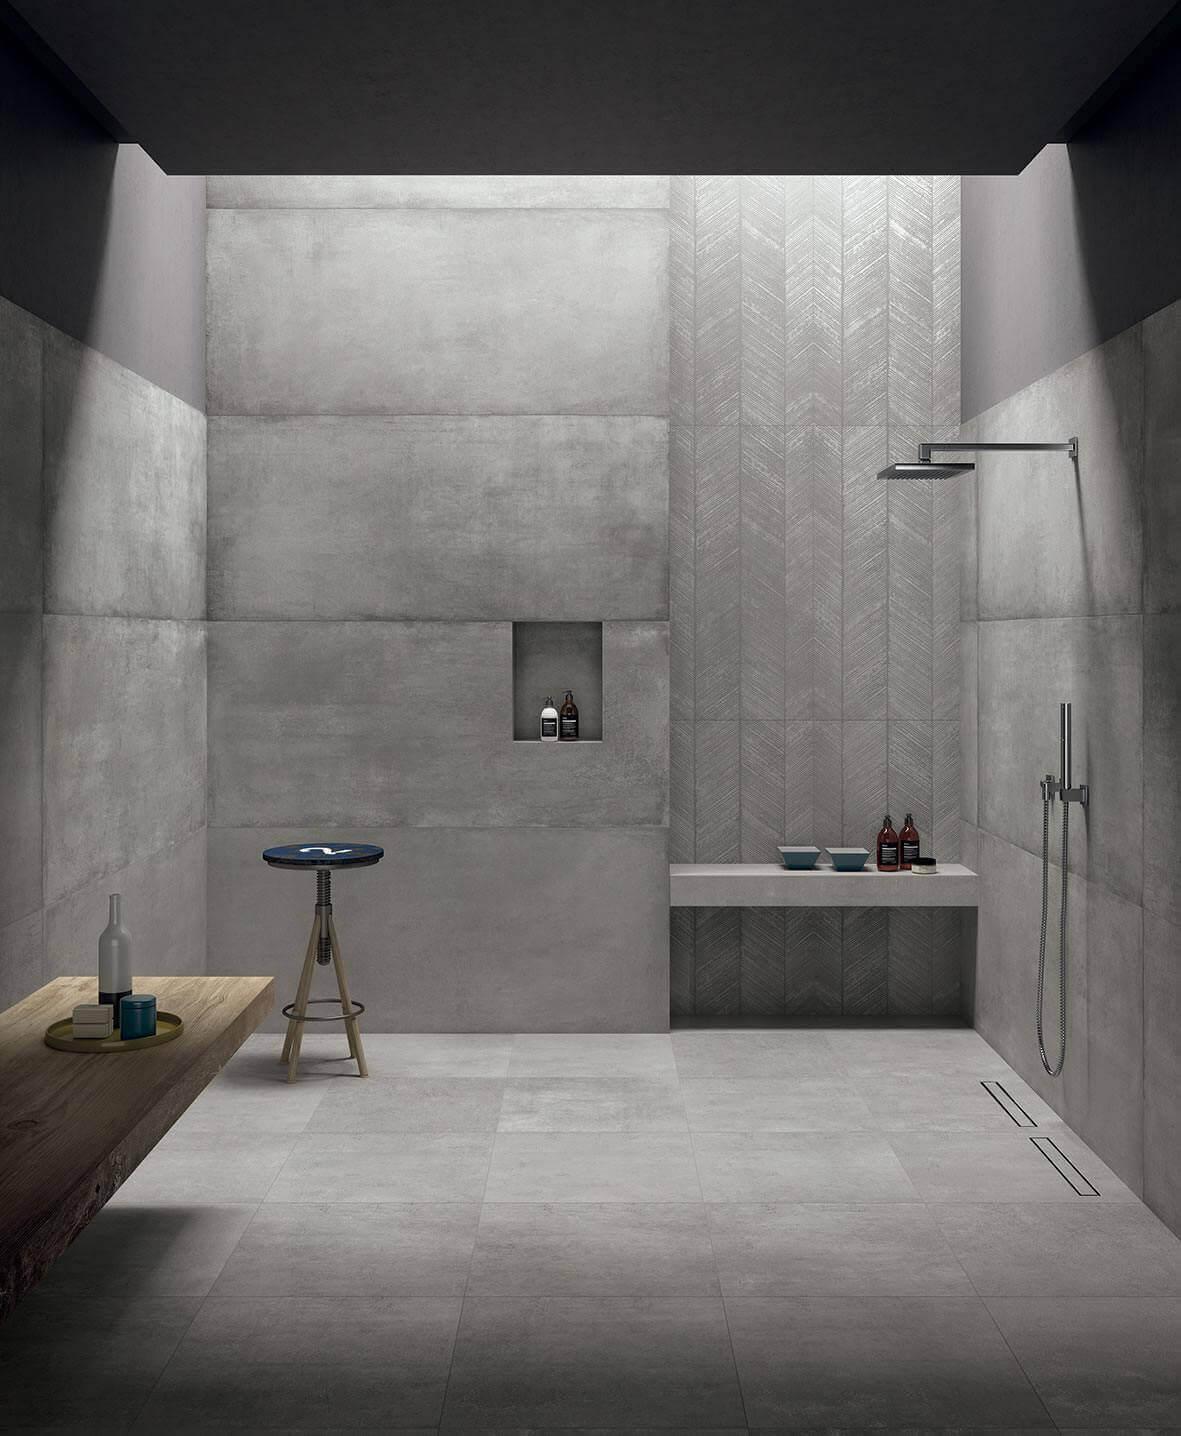 Wandtegels 25x75 - Prima Materia Cemento